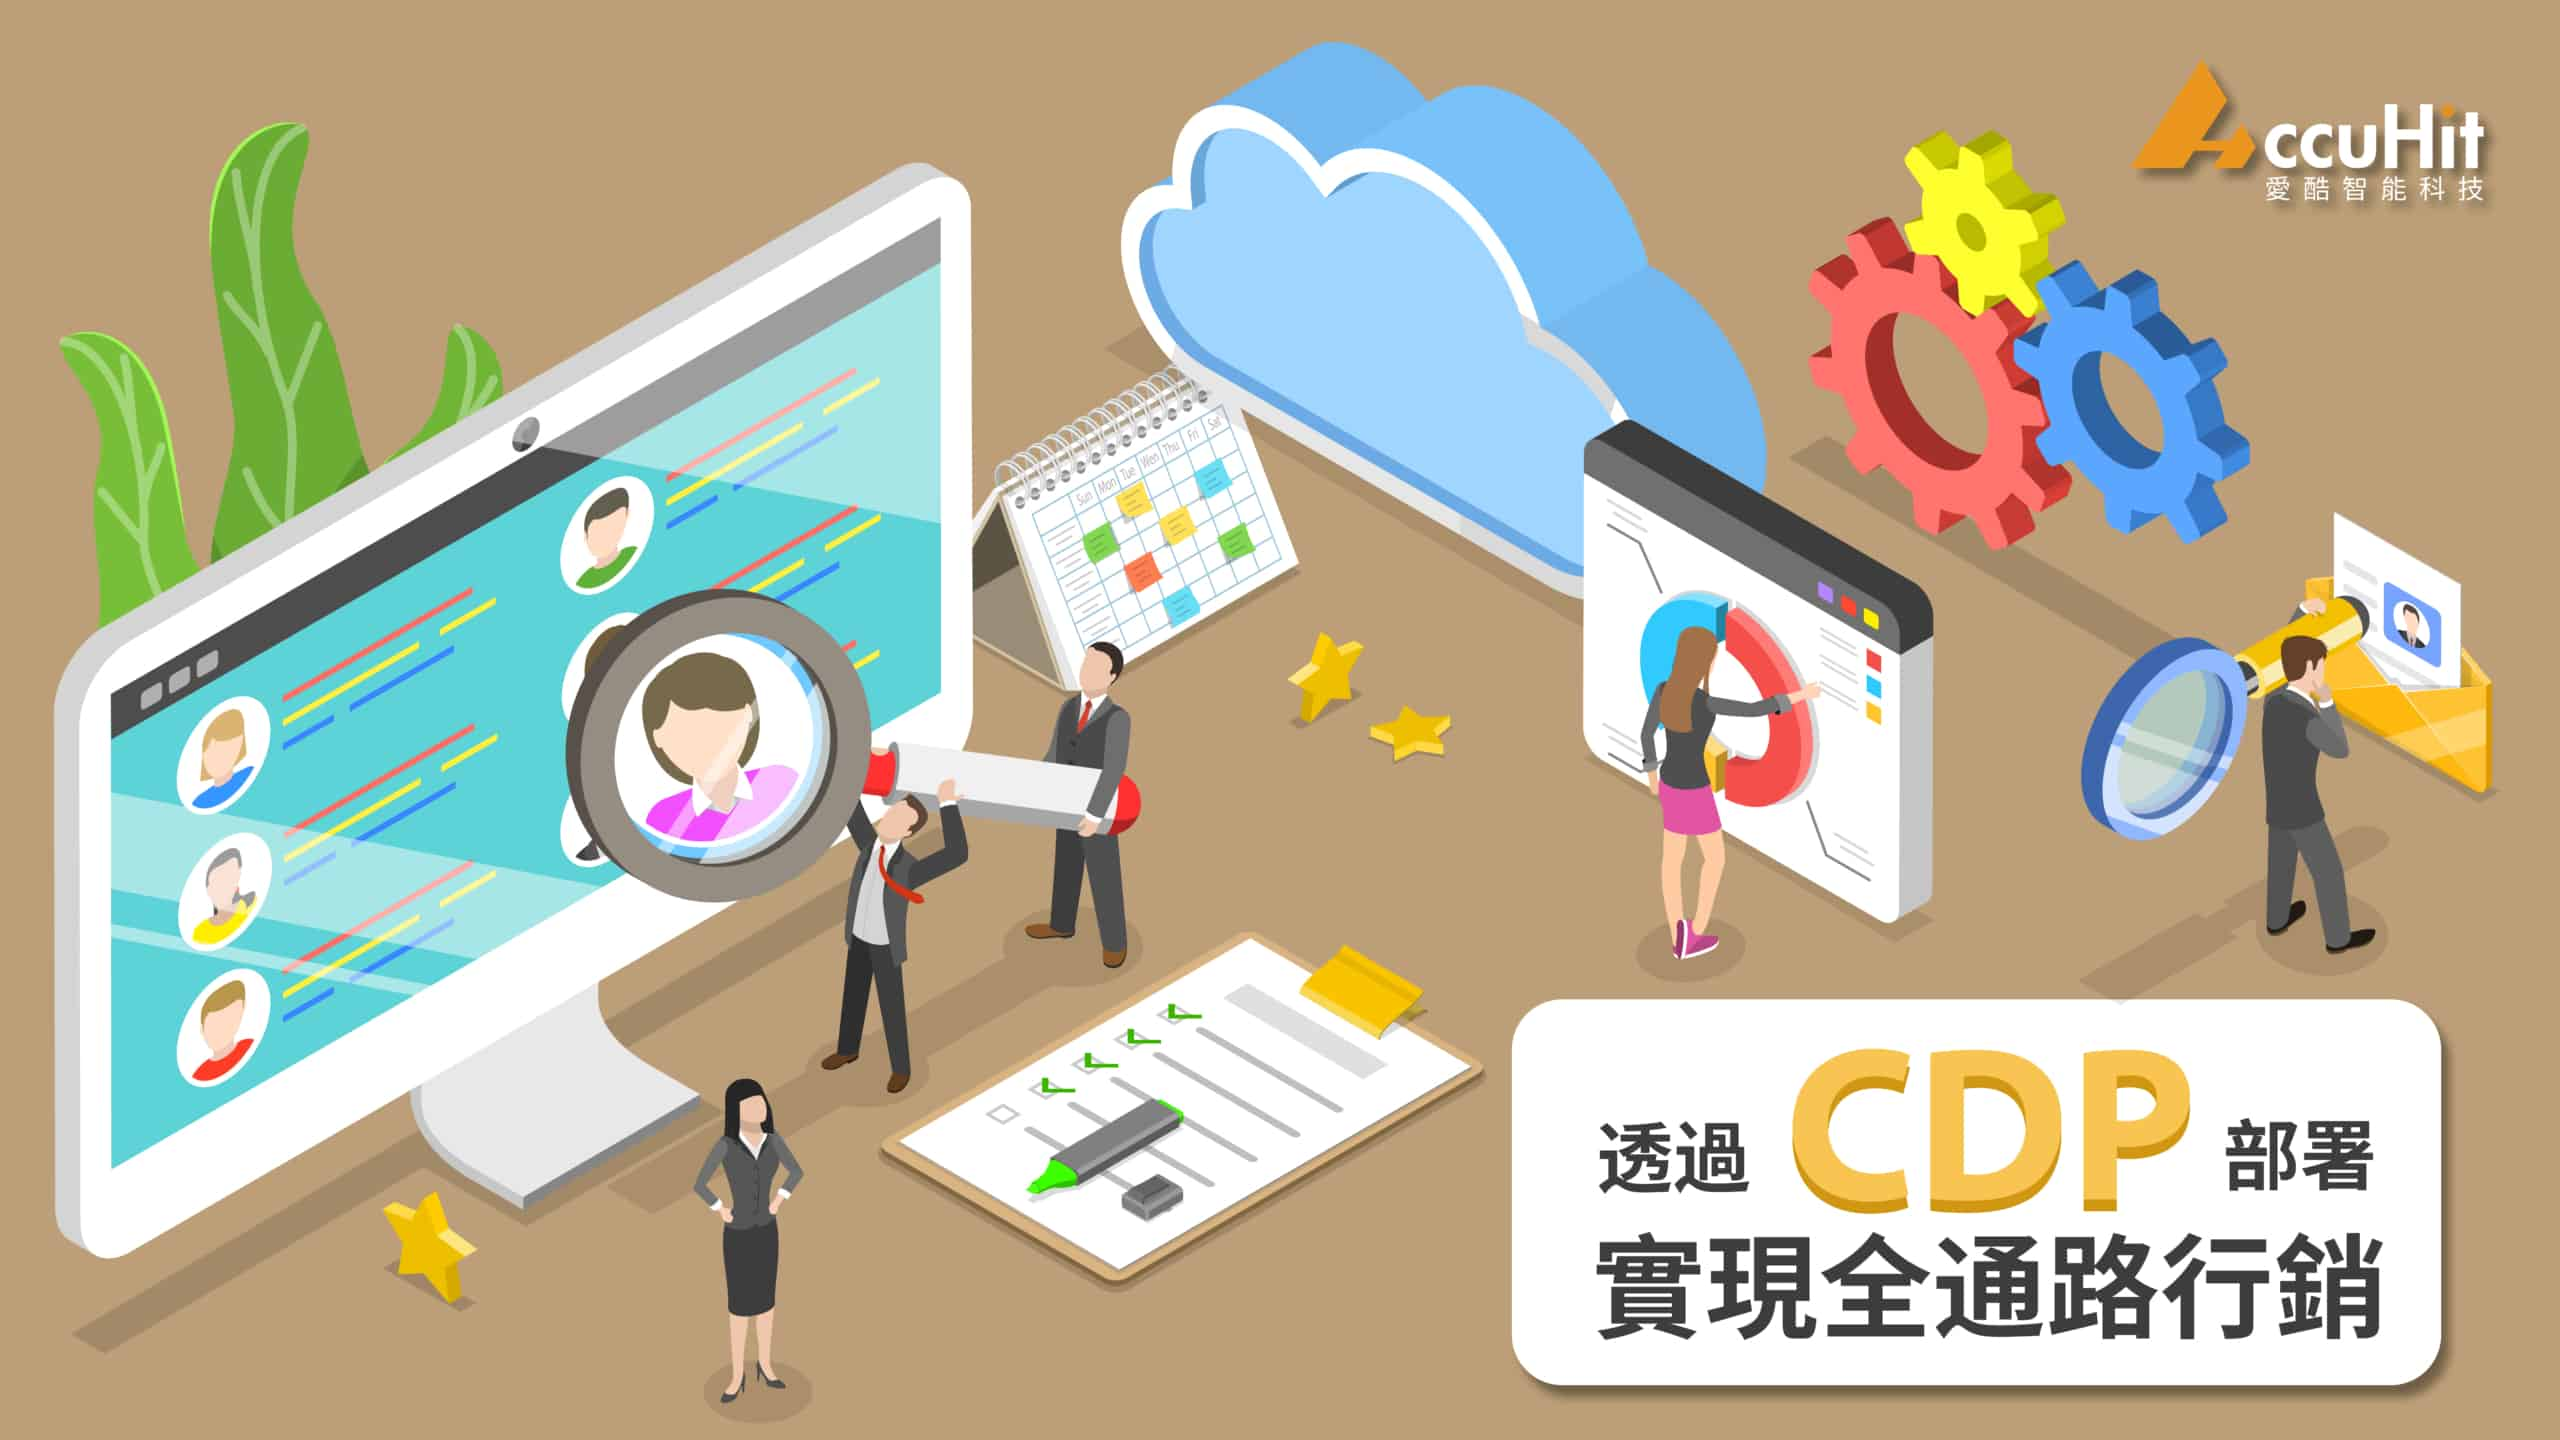 第三方-Cookie-退場期限推遲,企業有更完整時間透過-CDP-部署,實現全通路行銷!